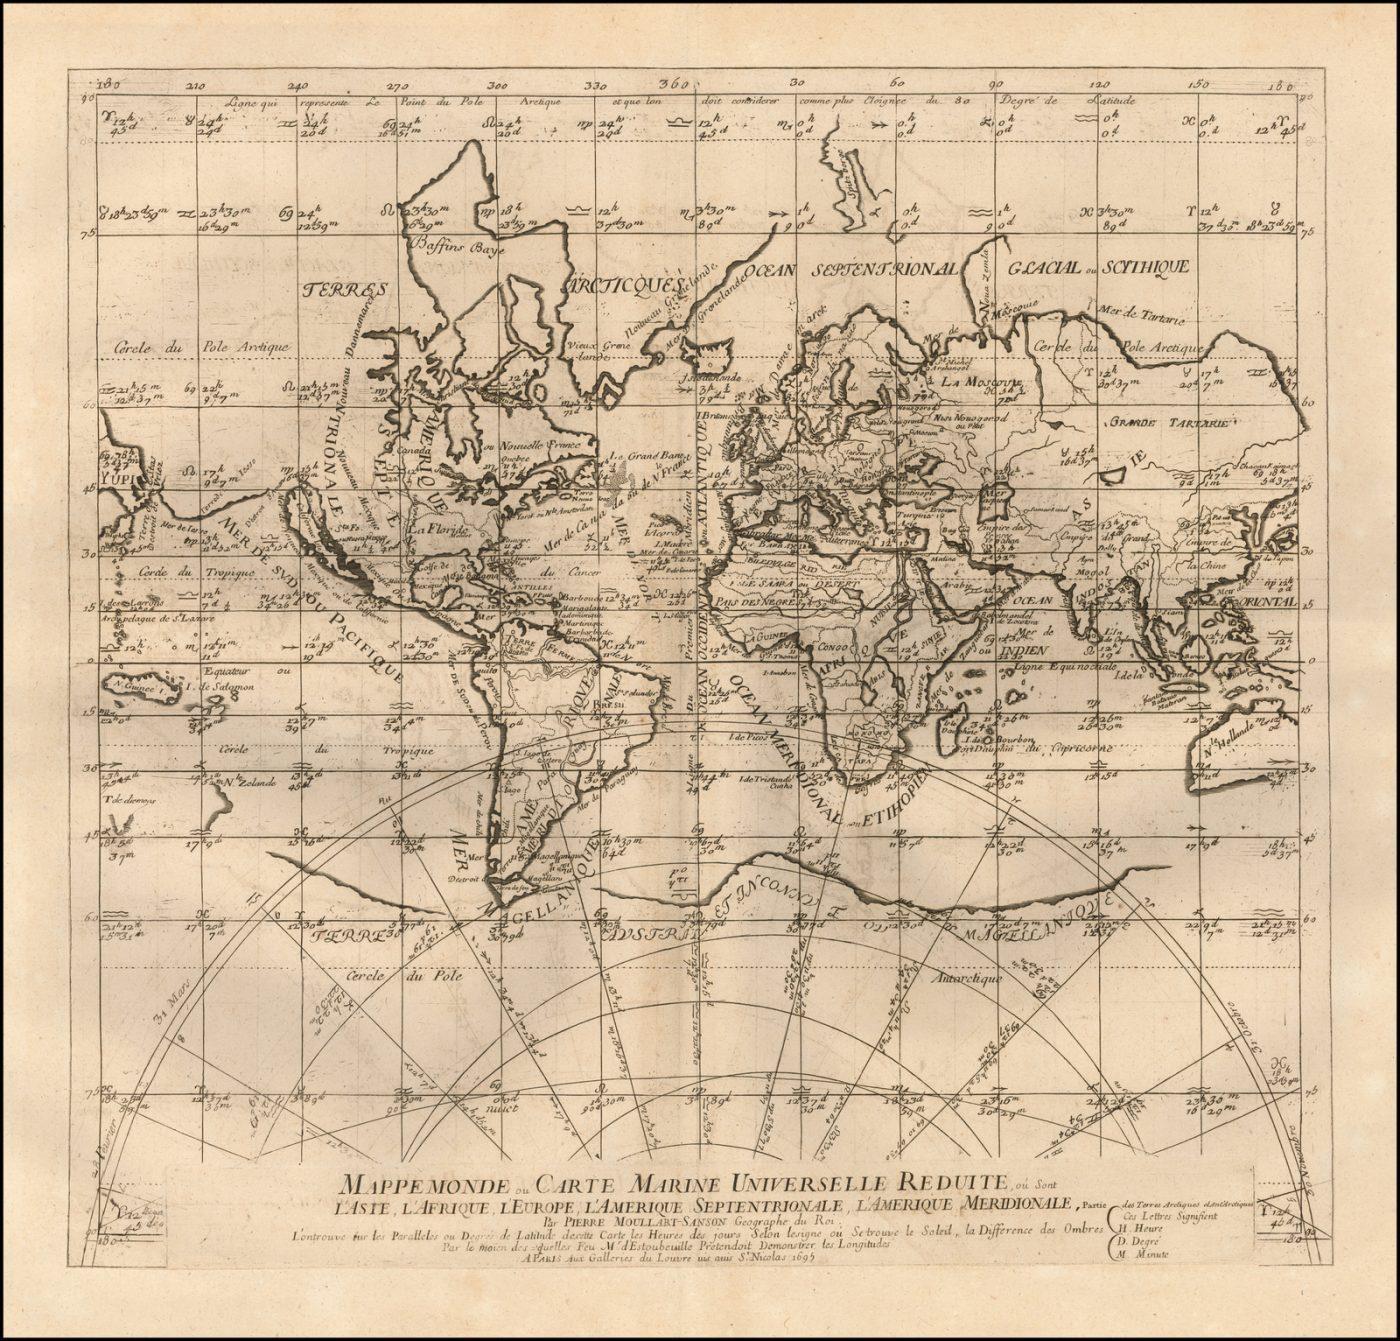 Редкая карта мира Пьера Мюллара-Сансона, демонстрирующая революционное средство определения долготы